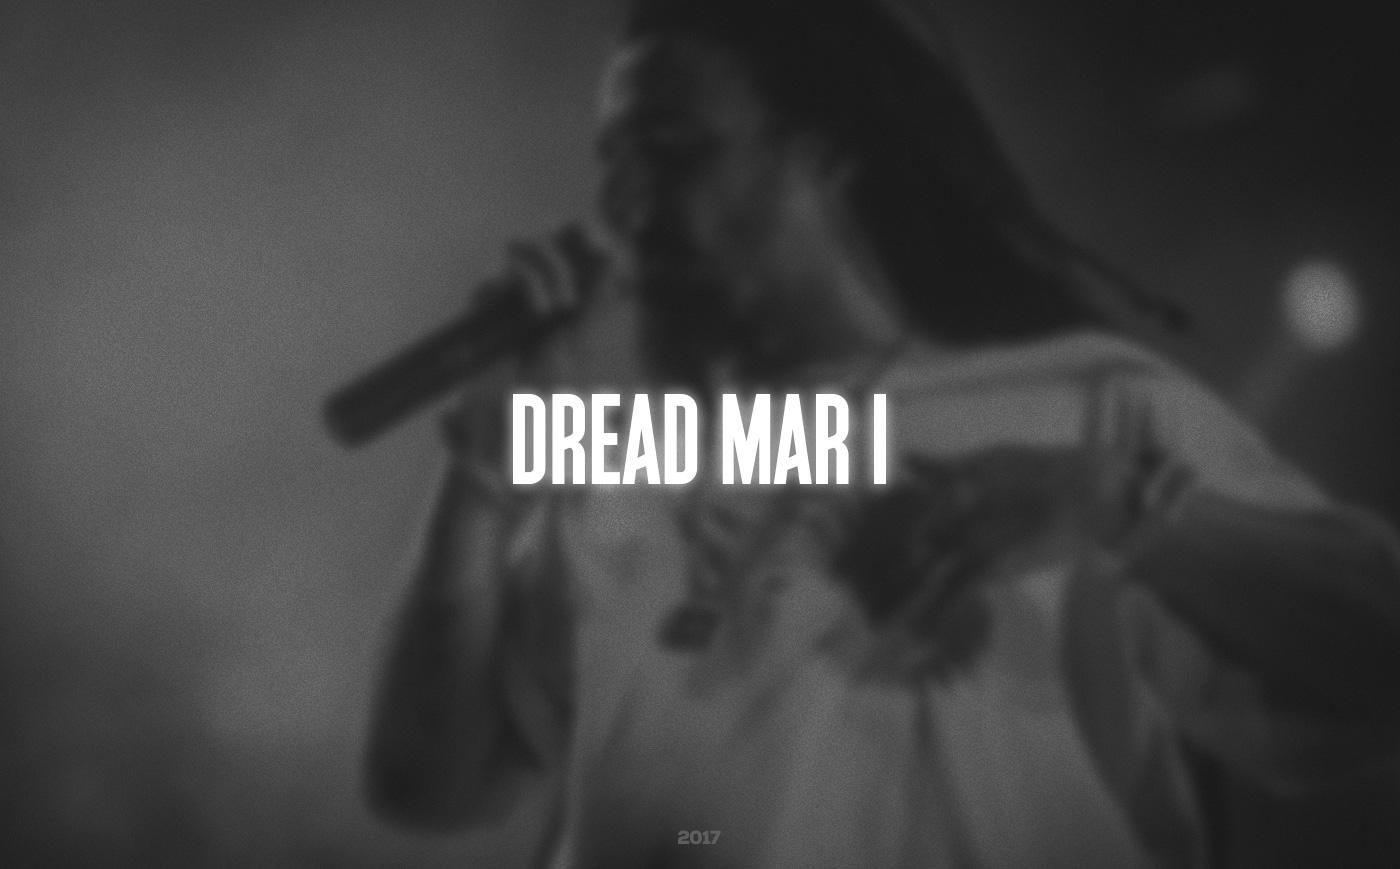 DREAD-MAR-I-LOGO-2017-03